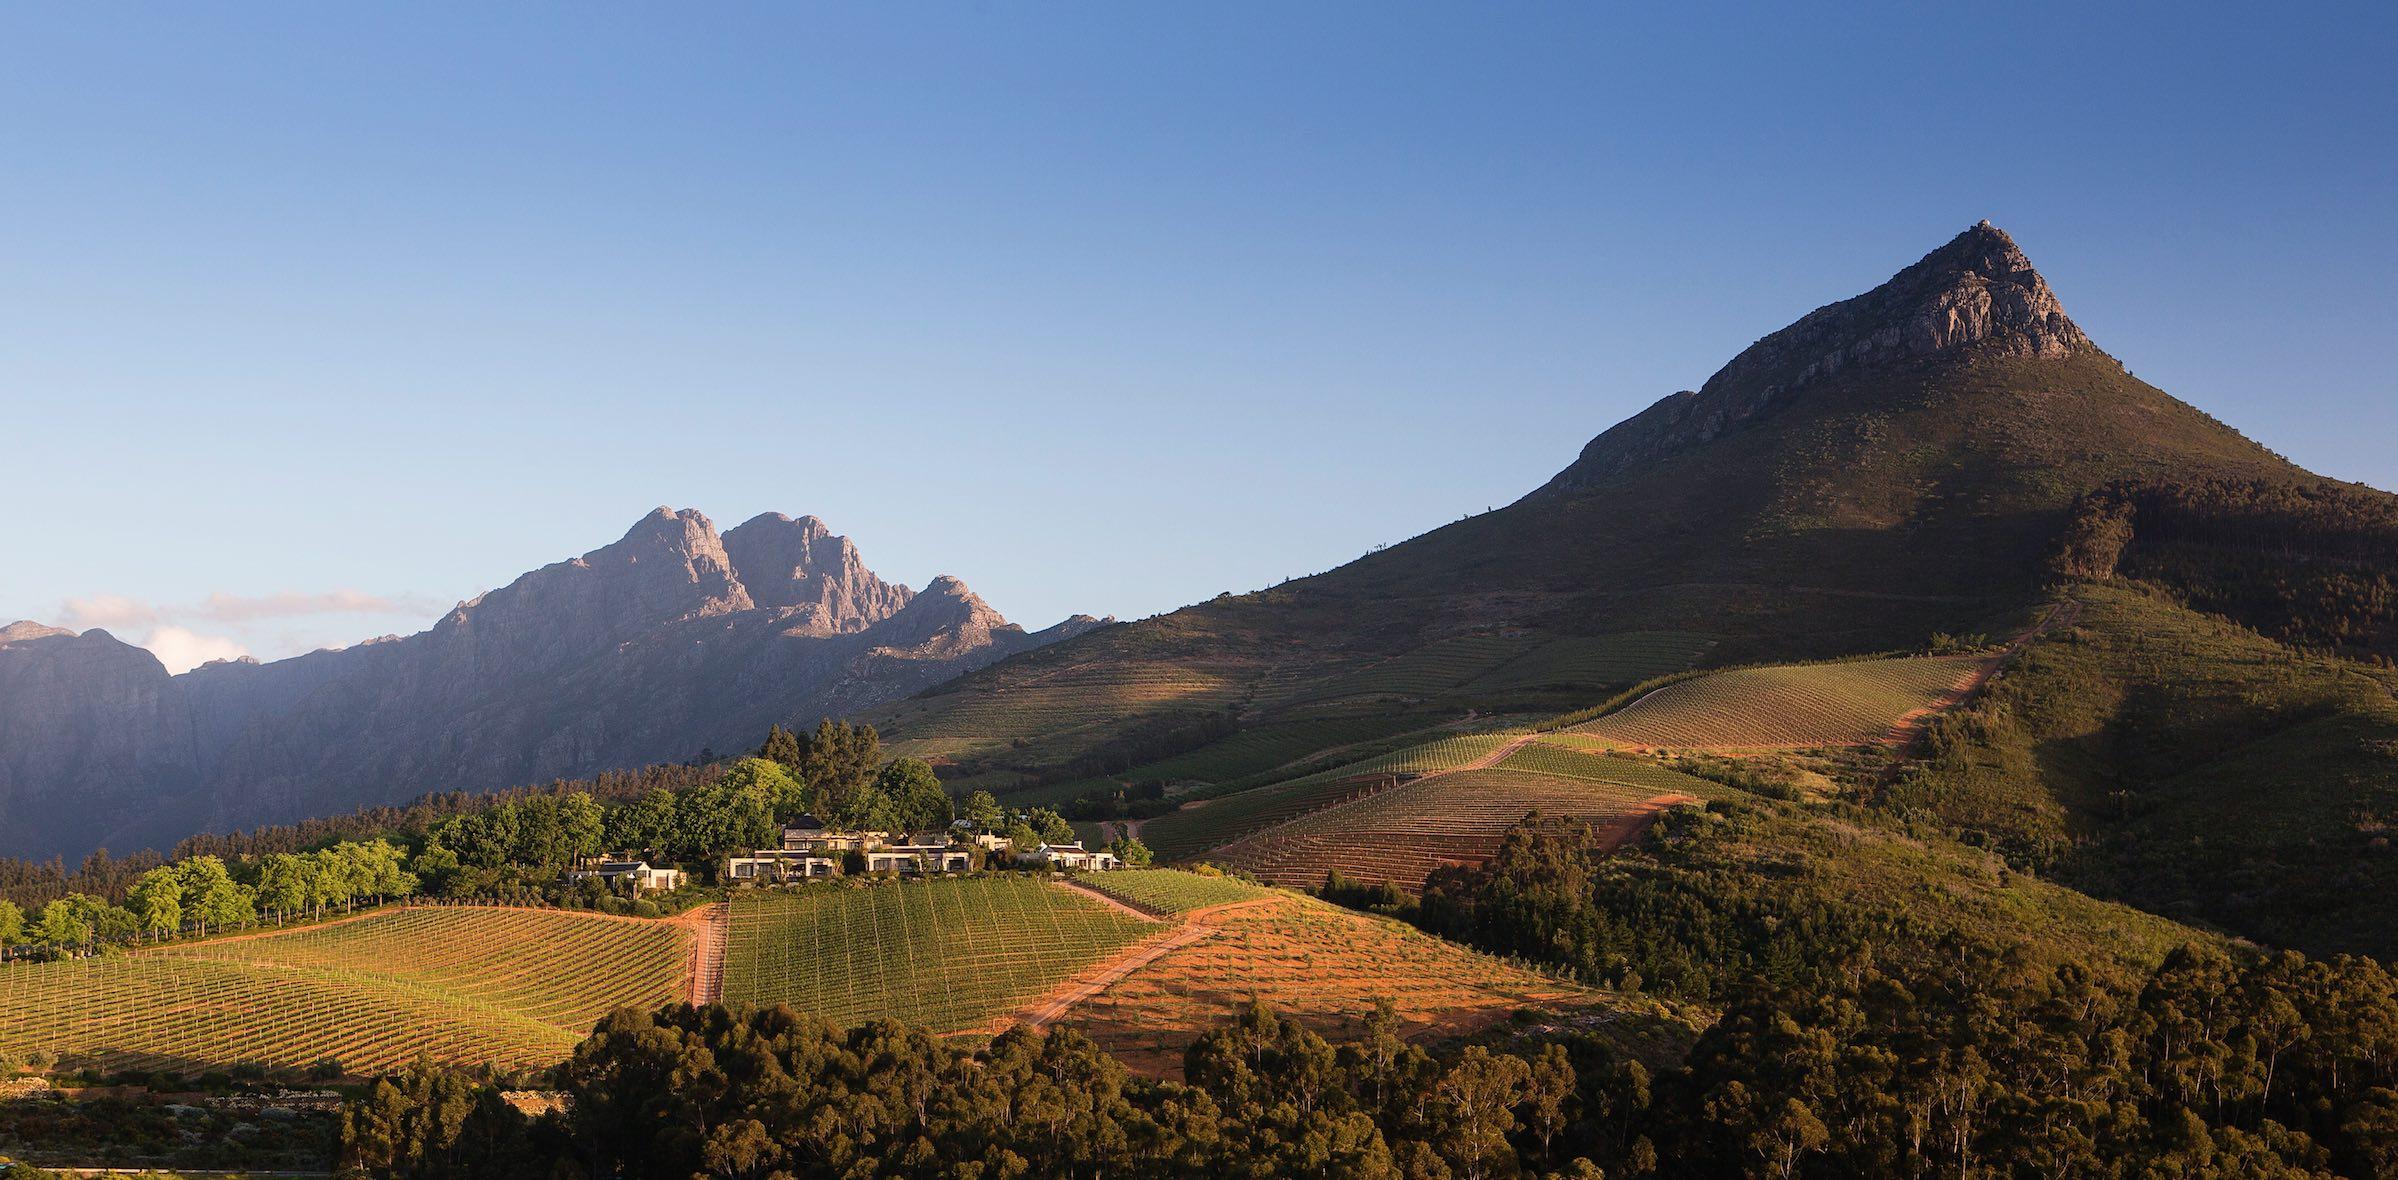 Велнес туризм в Африке, курорт в горах возле Кейптауна